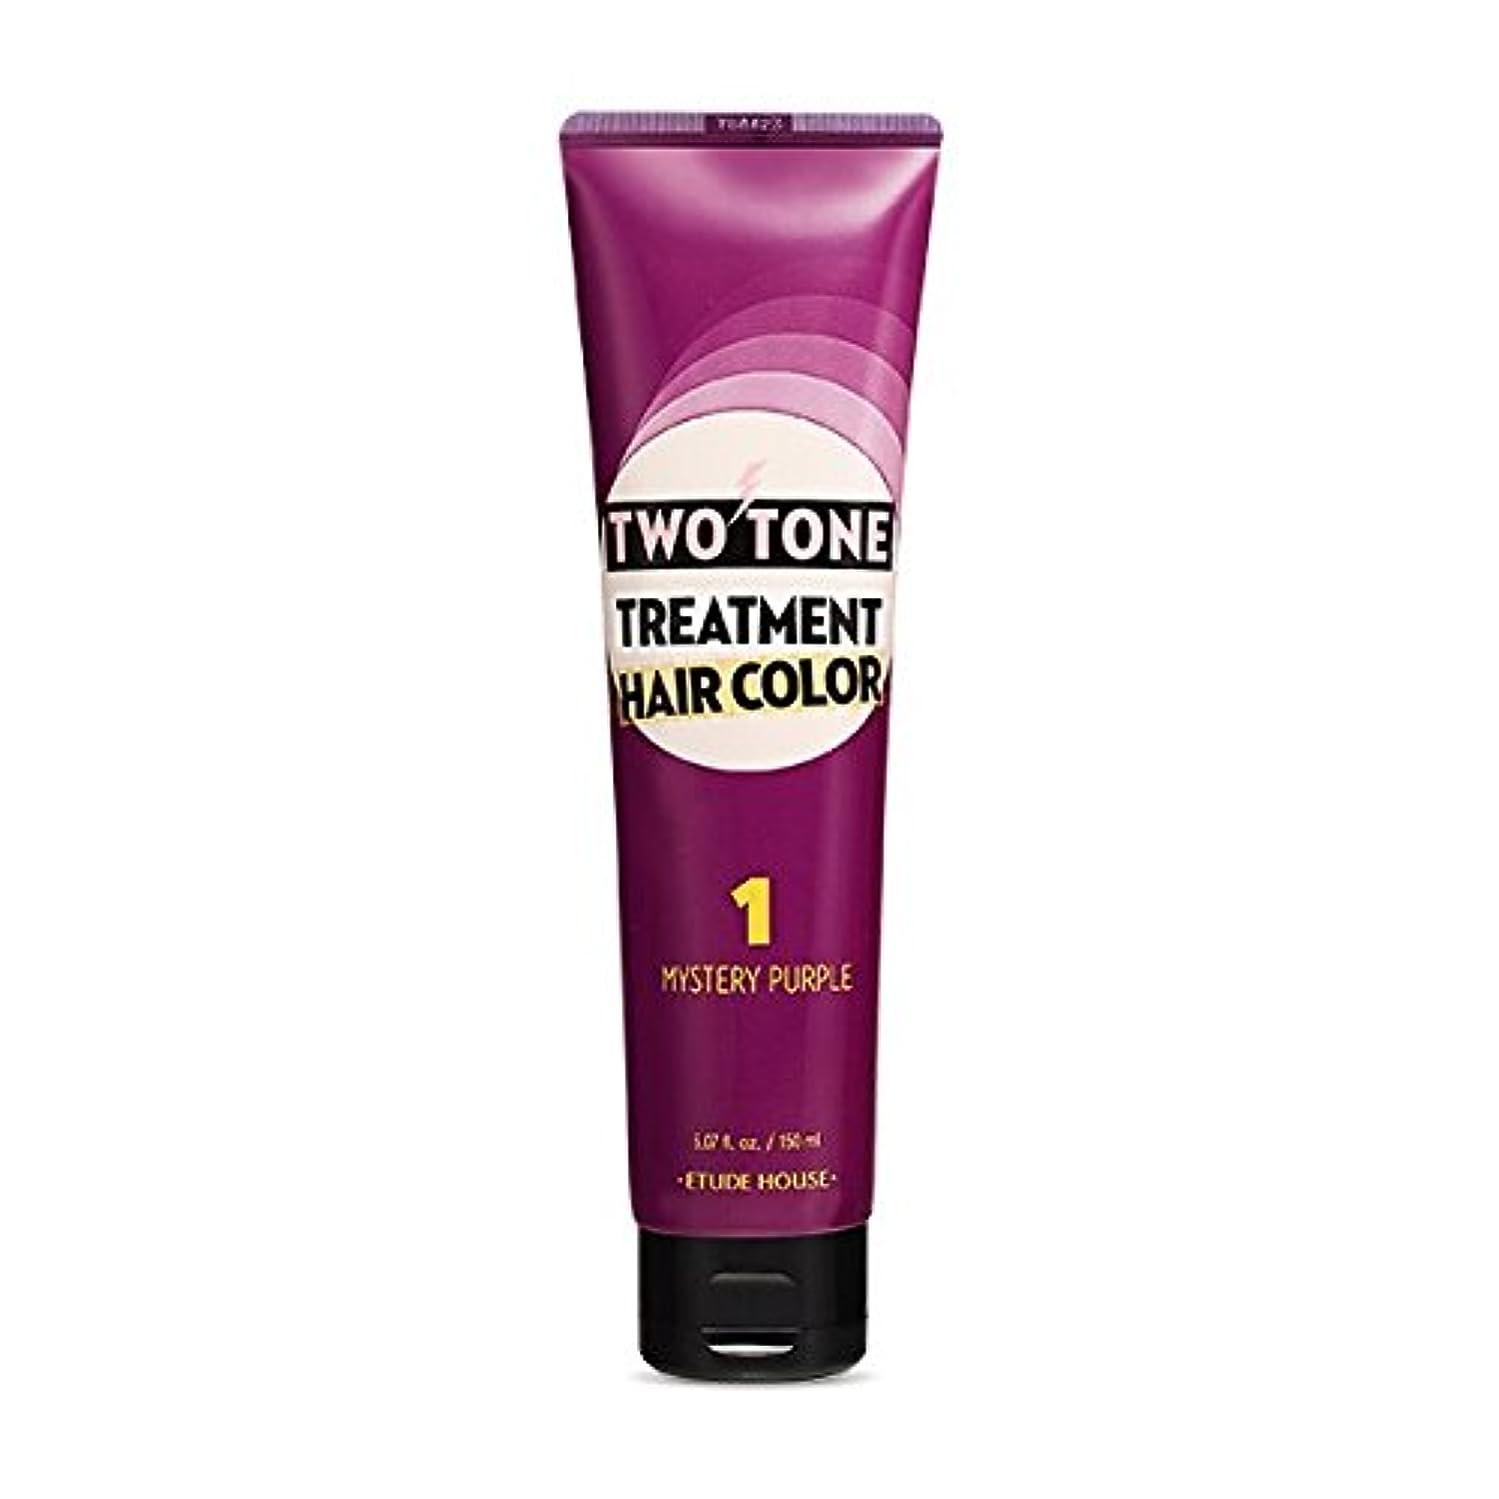 祝福する建設司書ETUDE HOUSE Two Tone Treatment Hair Color 150ml/エチュードハウス ツートーン トリートメント ヘア カラー 150ml (#1 Mistery Purple) [並行輸入品]